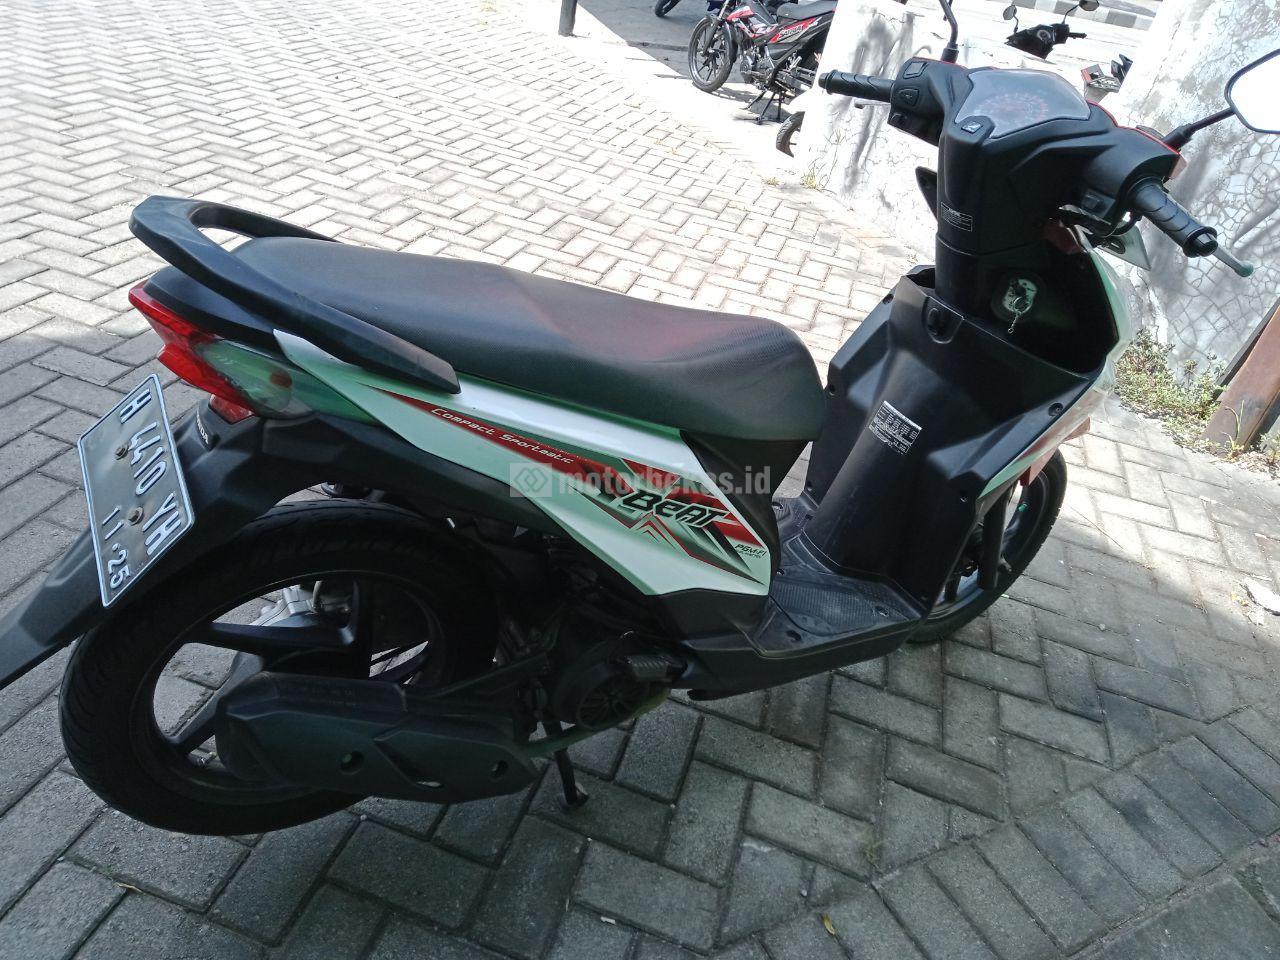 HONDA BEAT FI 2991 motorbekas.id